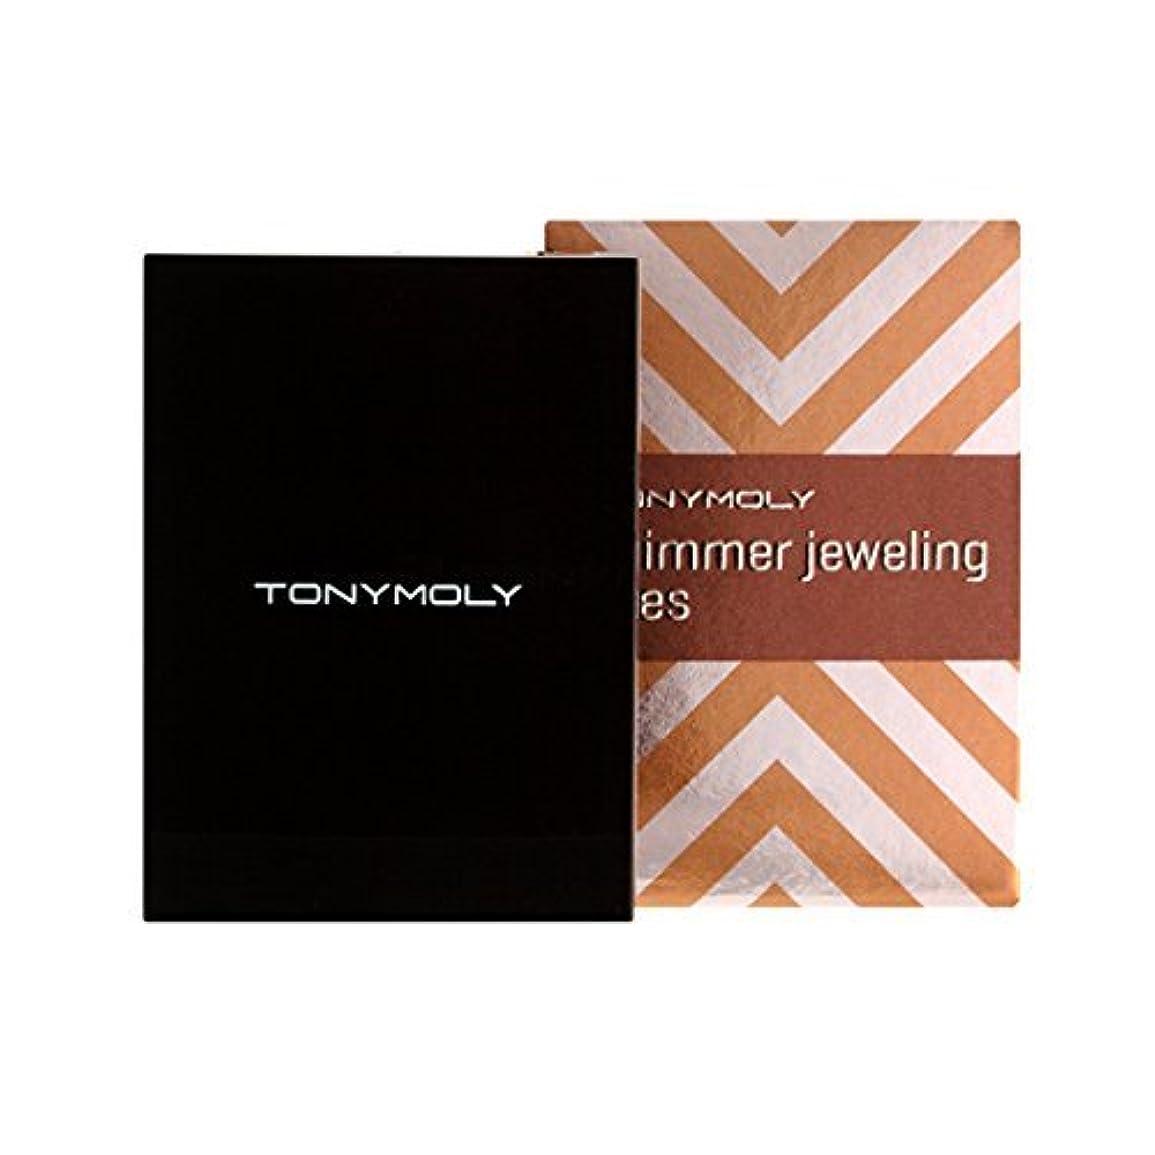 共産主義類人猿状況[Tonymoly] トニーモリ Shimmer Jeweling Eyes 2.7g #01 Gold Jeweling by TONYMOLY